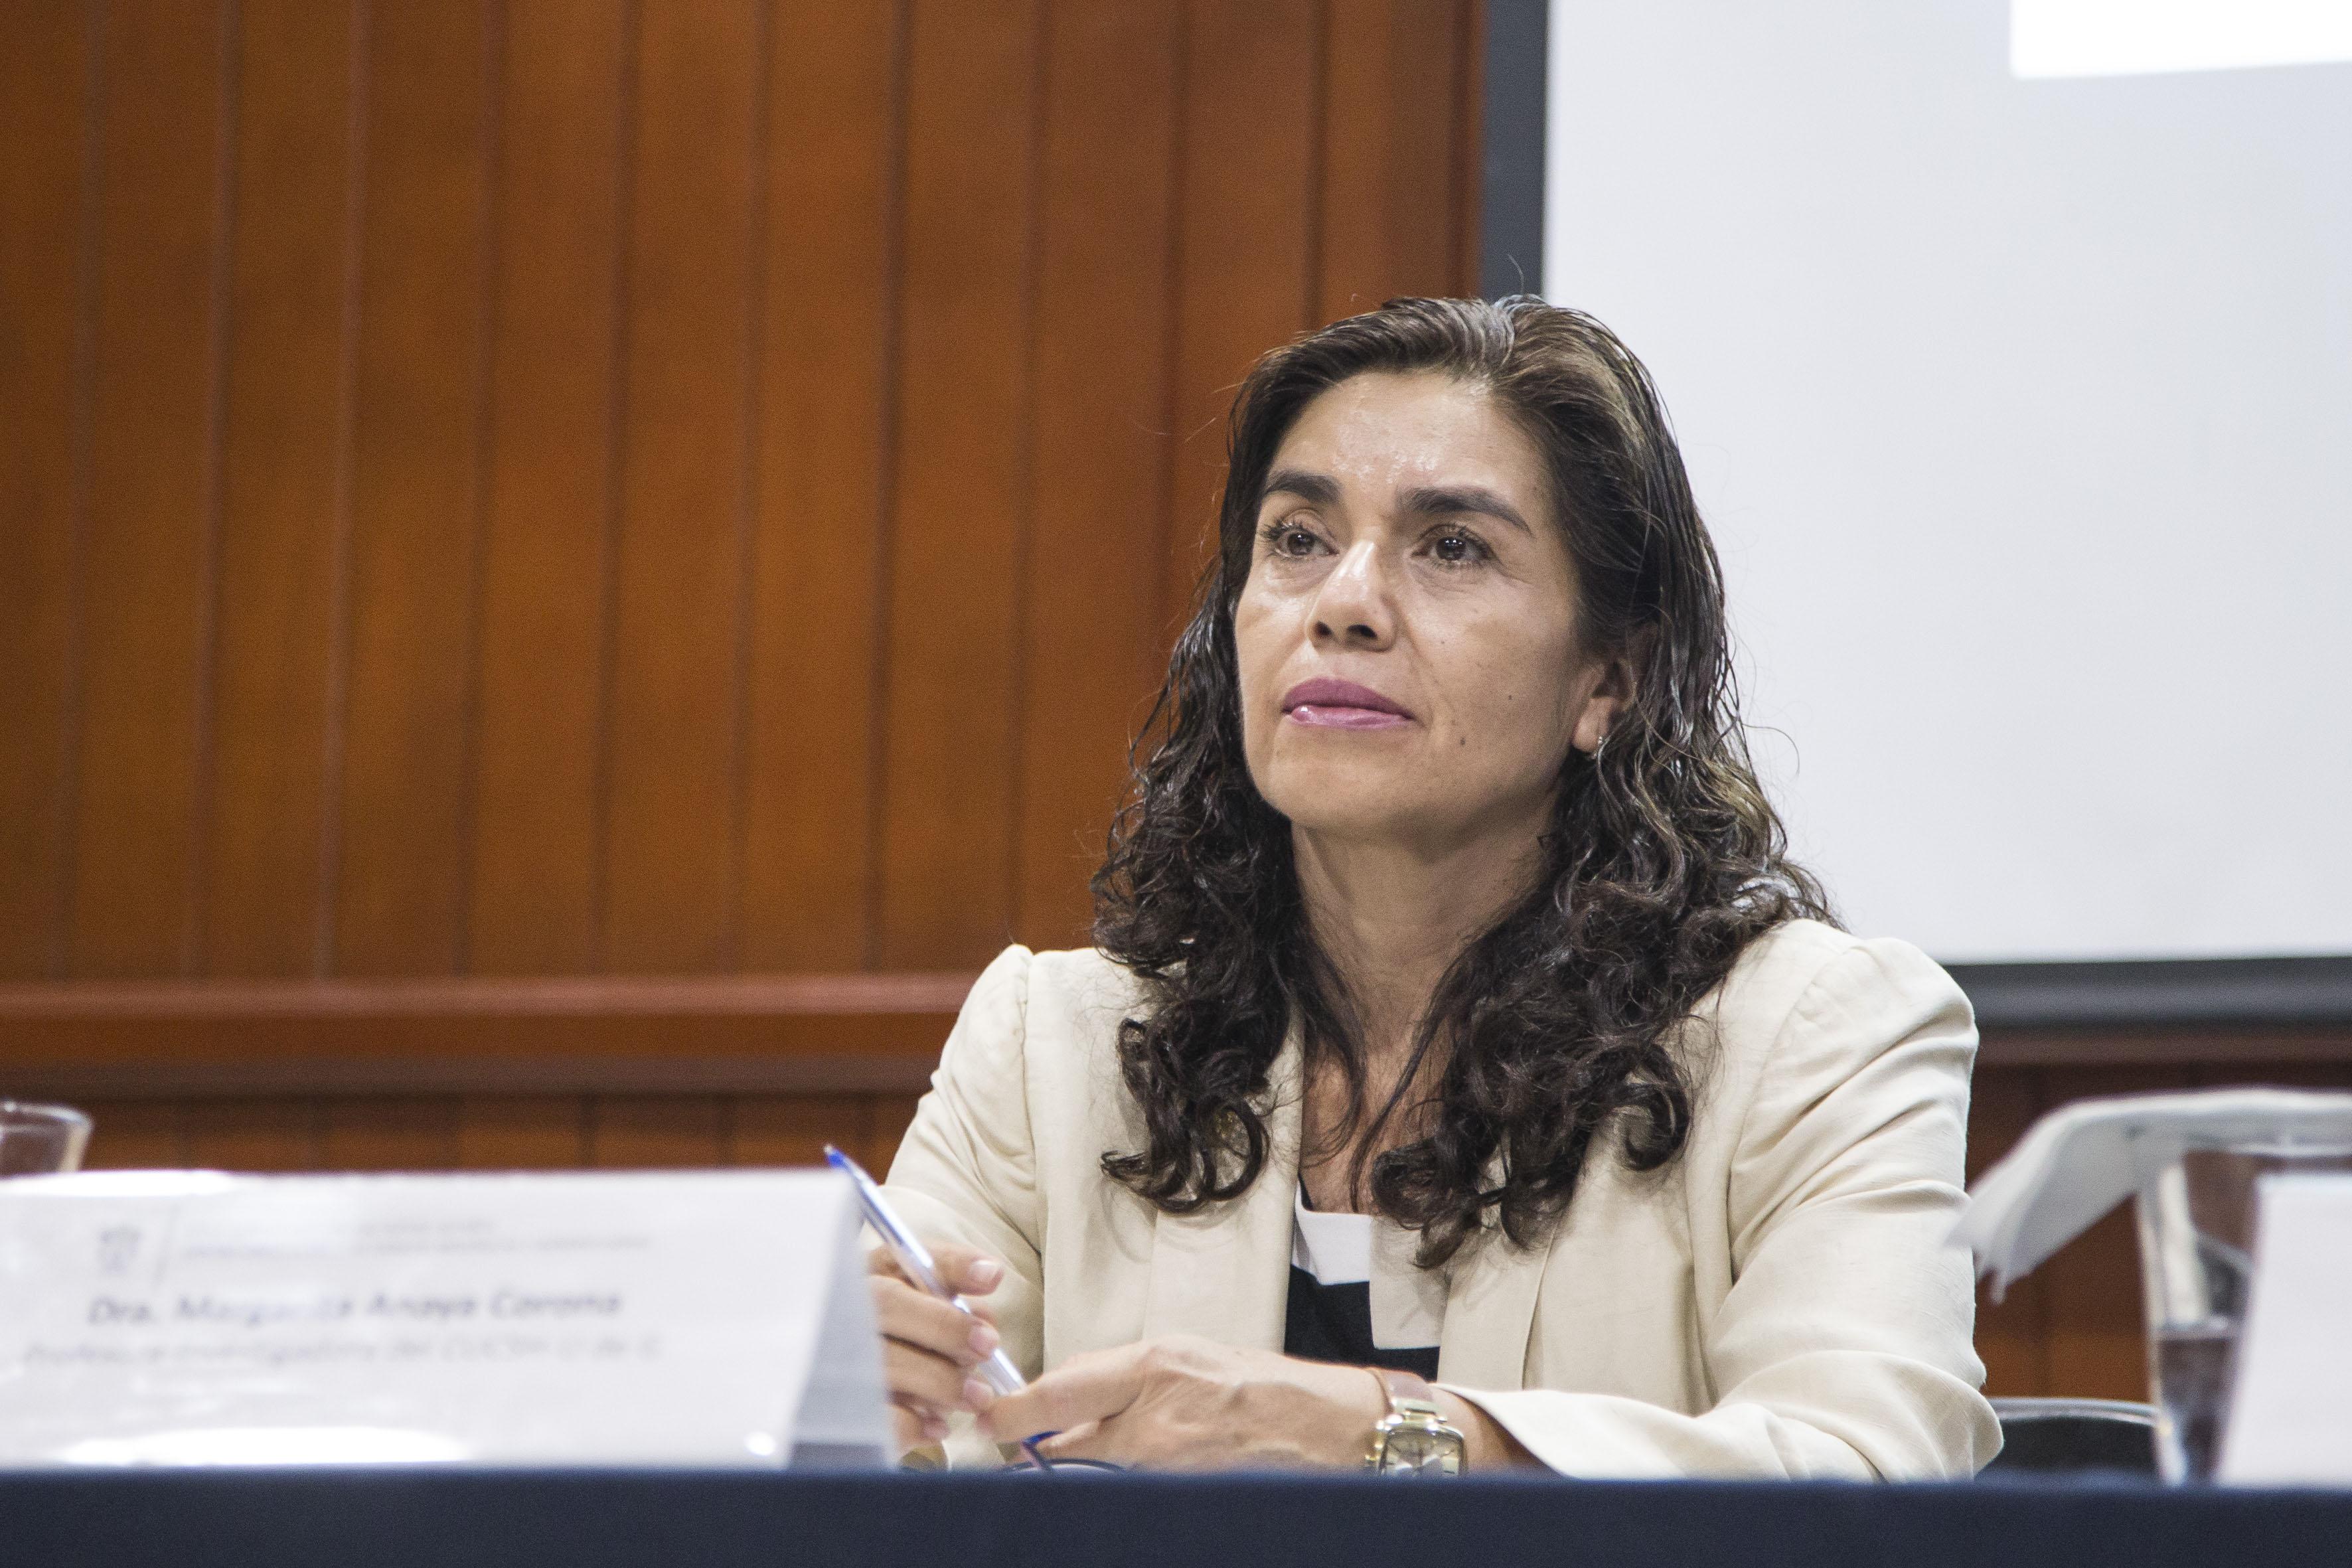 Dra. Margarita Anaya Corona investigadora adscrita al Departamento de Geografía y Ordenación Territorial del Centro Universitario de Ciencias Sociales y Humanidades (CUCSH)